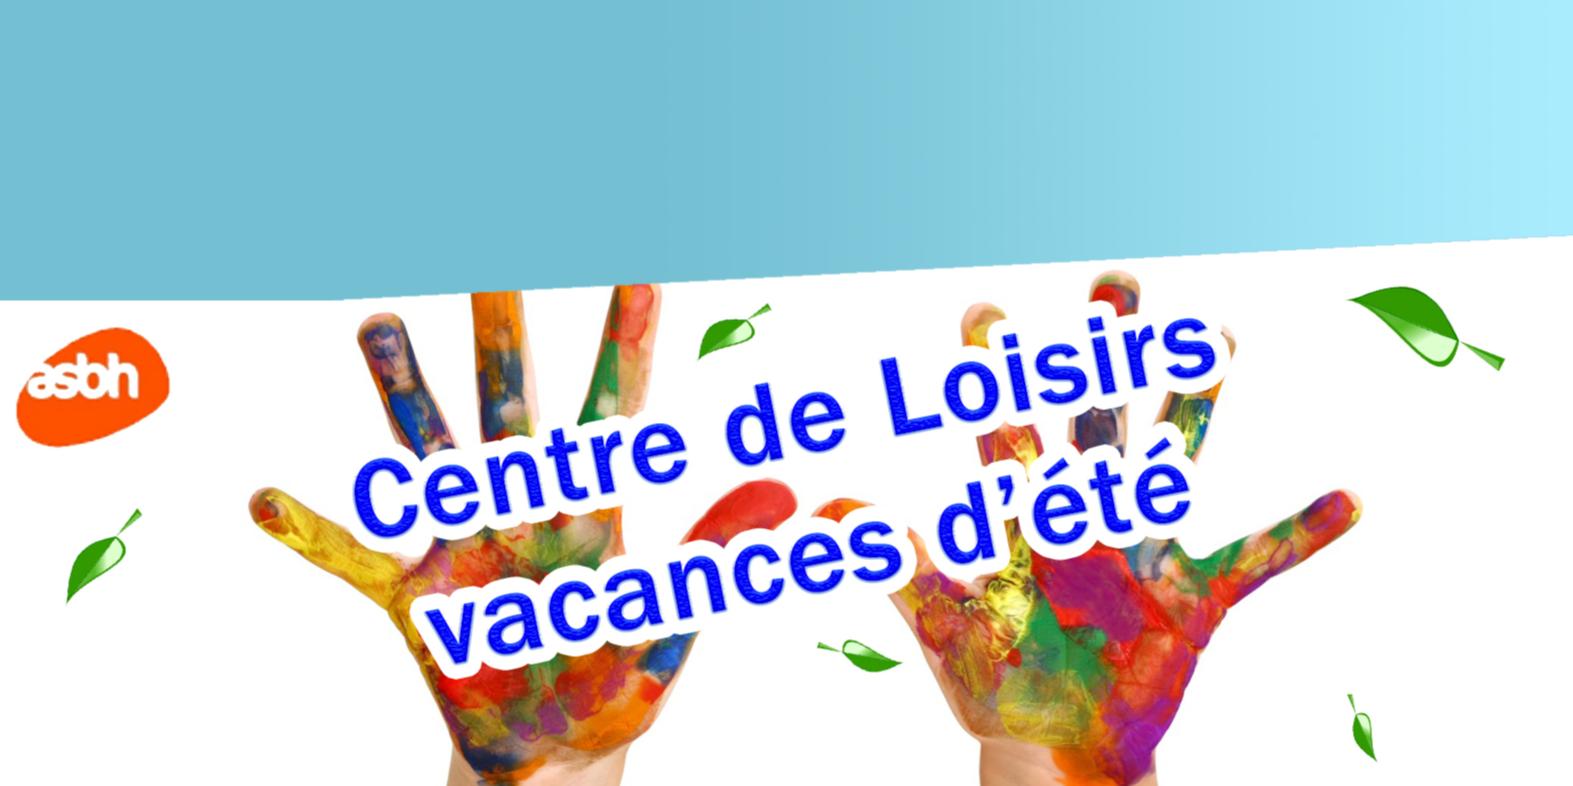 Centre de Loisirs - Vacances d'été (pour les 3 - 5 ans)